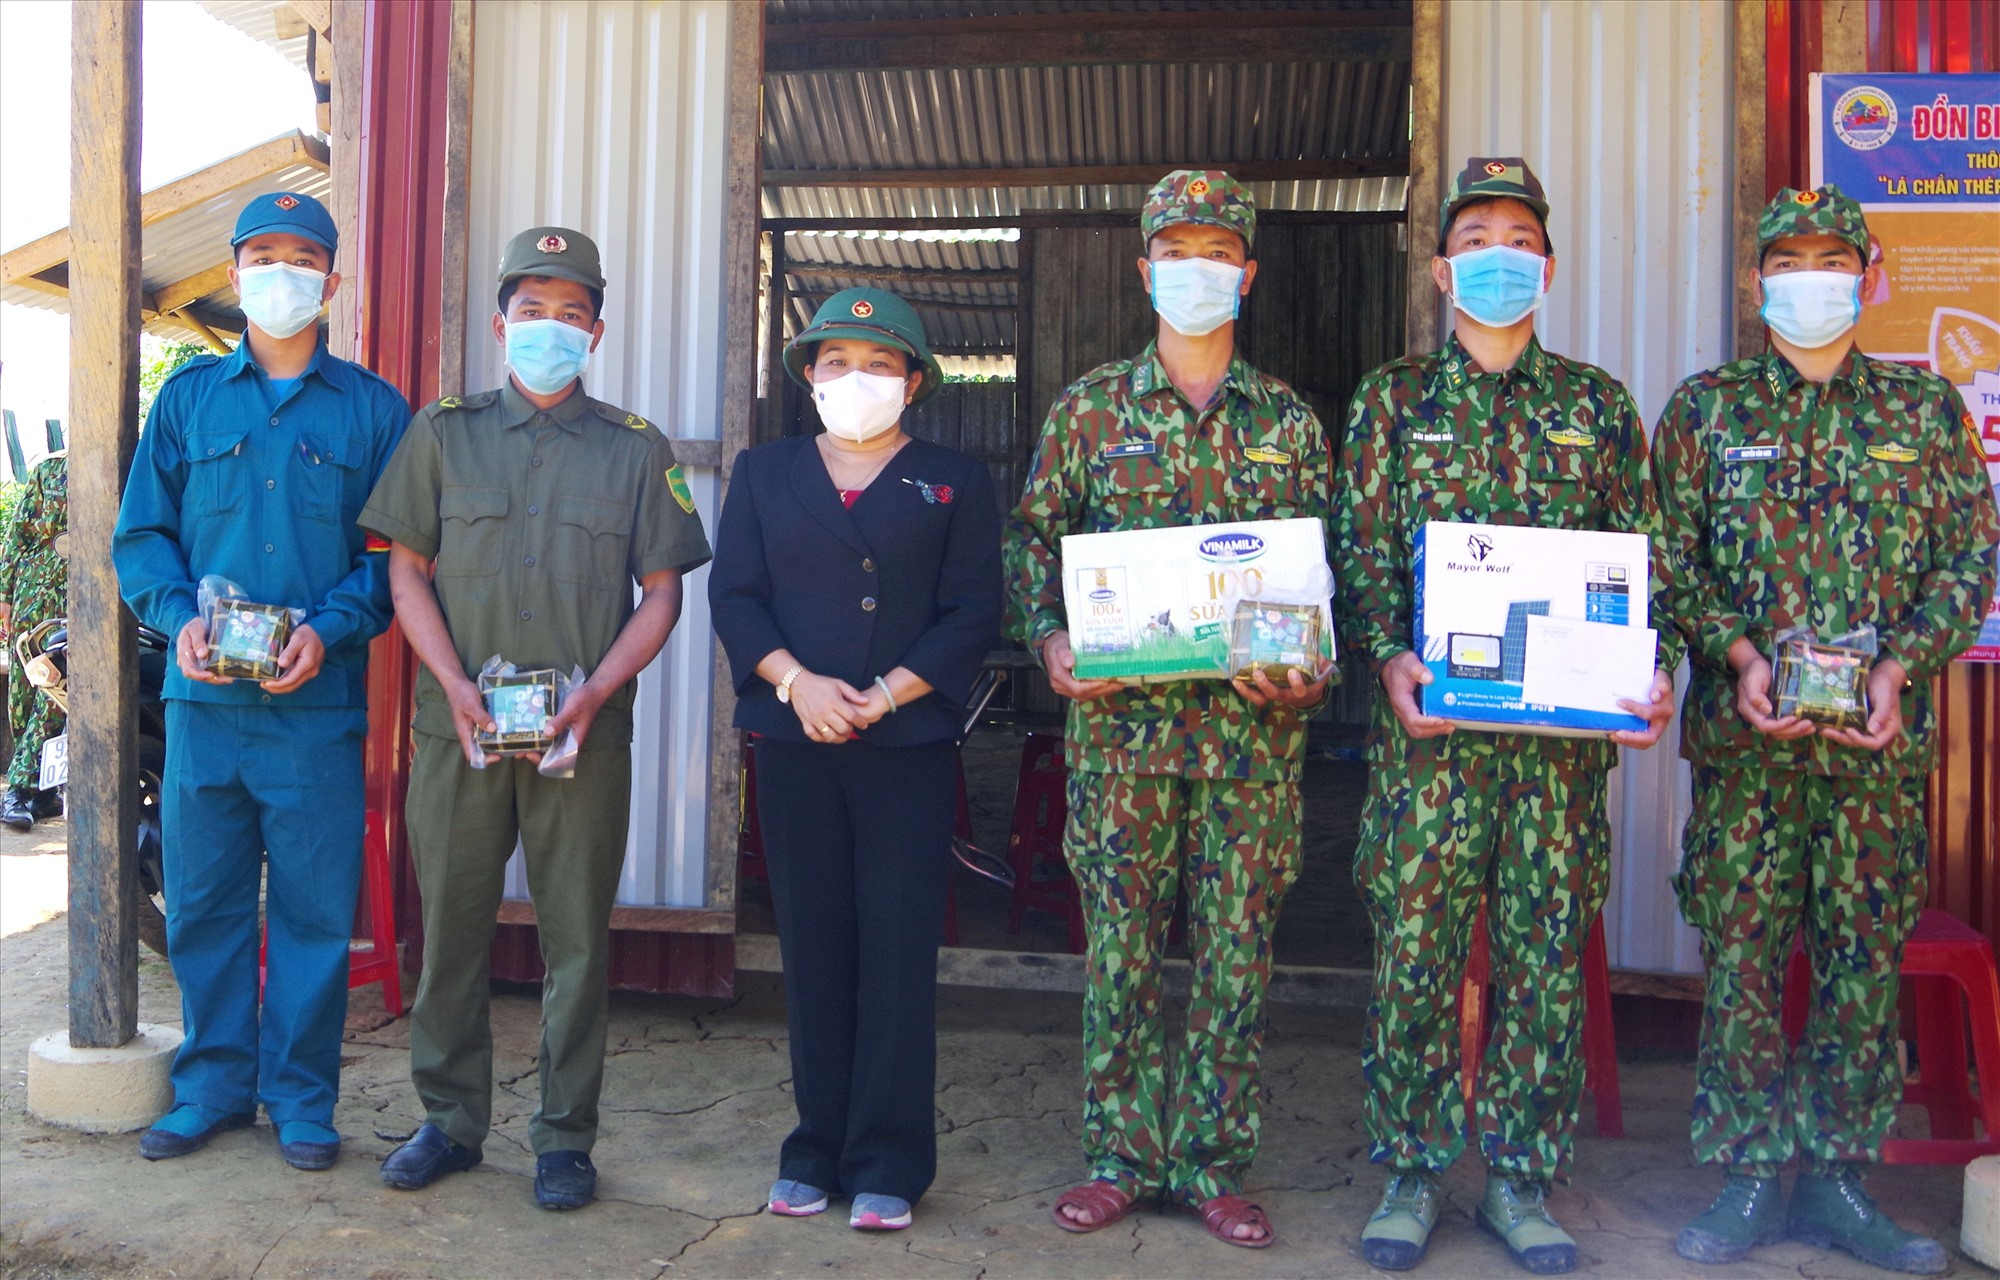 Trưởng ban Dân vận Tỉnh ủy Huỳnh Thị Thùy Dung tặng quà chốt Biên phòng Đồn La Êê